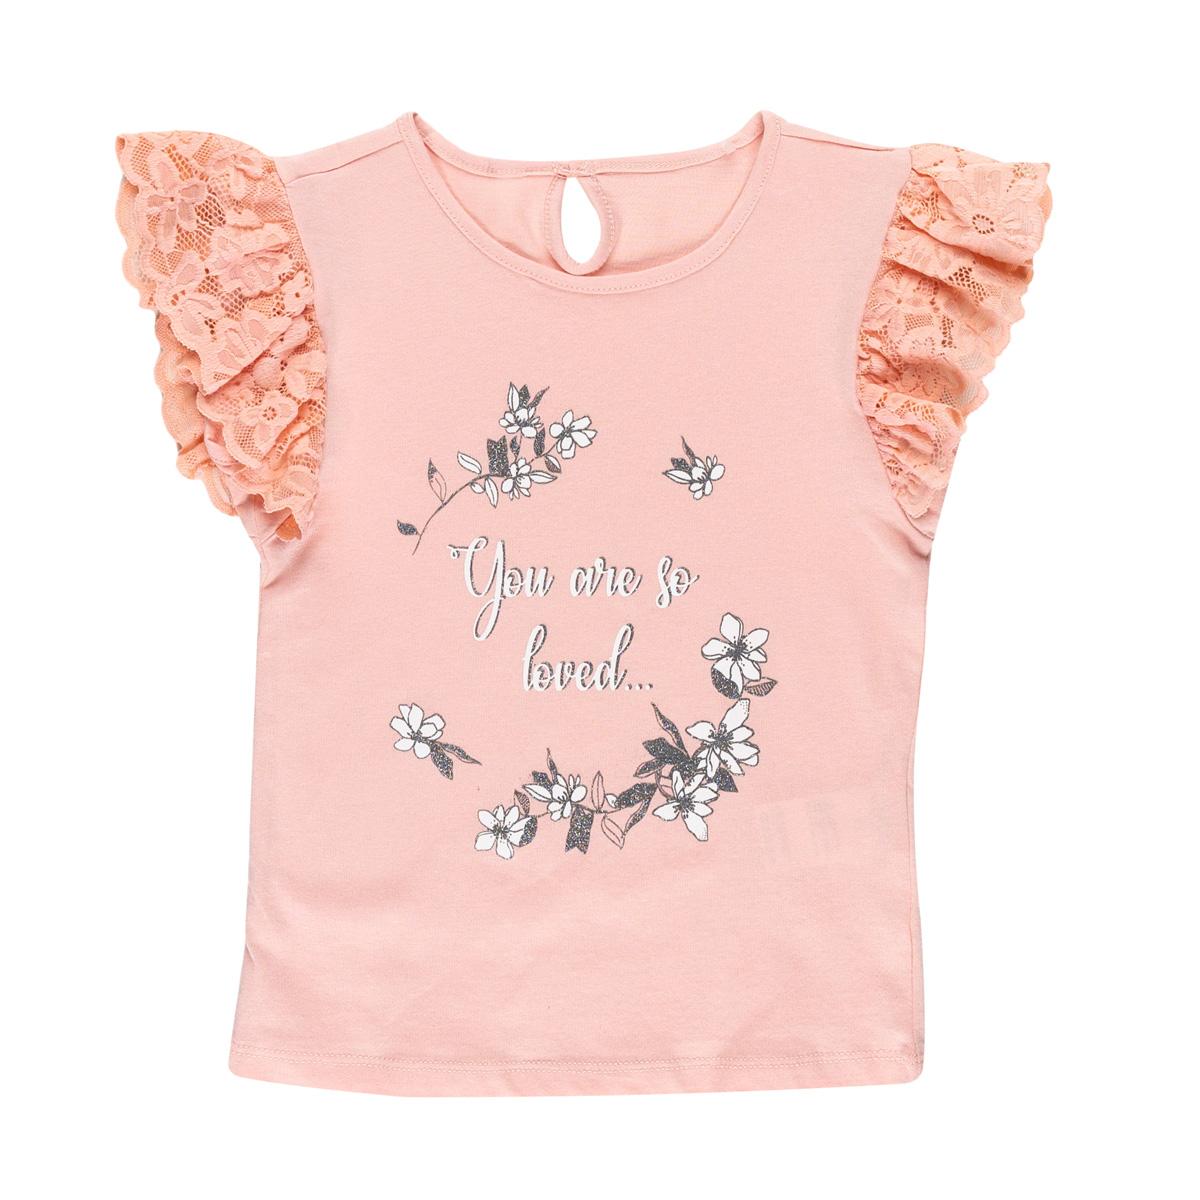 Dekliška bluza, svetlo roza